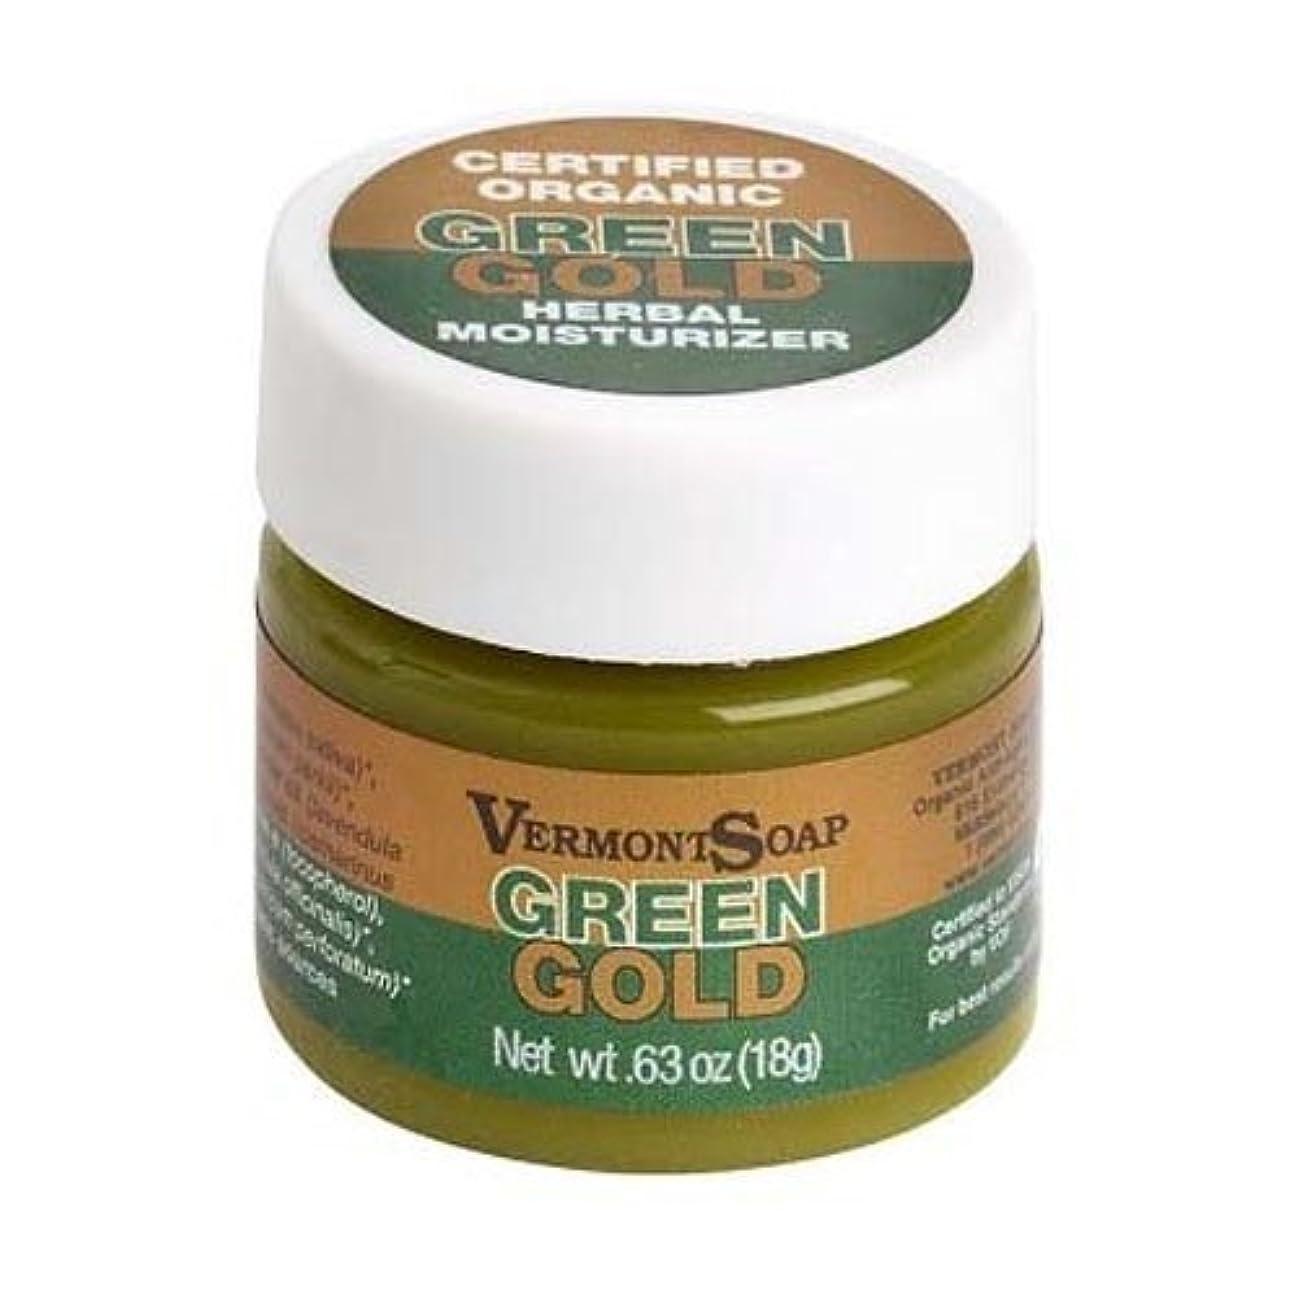 遅滞化学者普通のバーモントソープ オーガニック保湿クリーム グリーンゴールドS